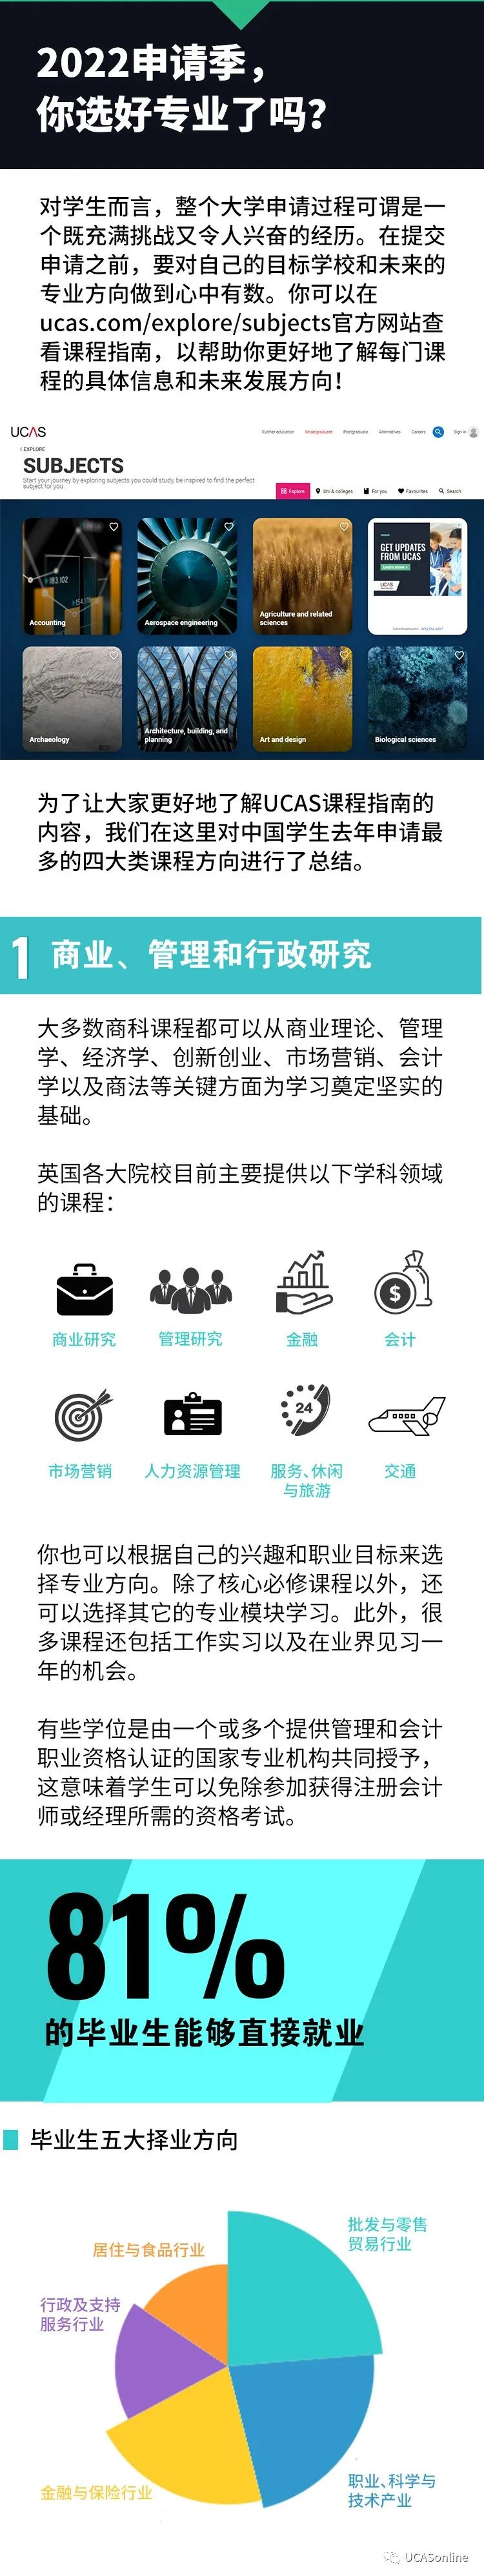 英国本科   UCAS公布中国学生热门申请四大类专业方向